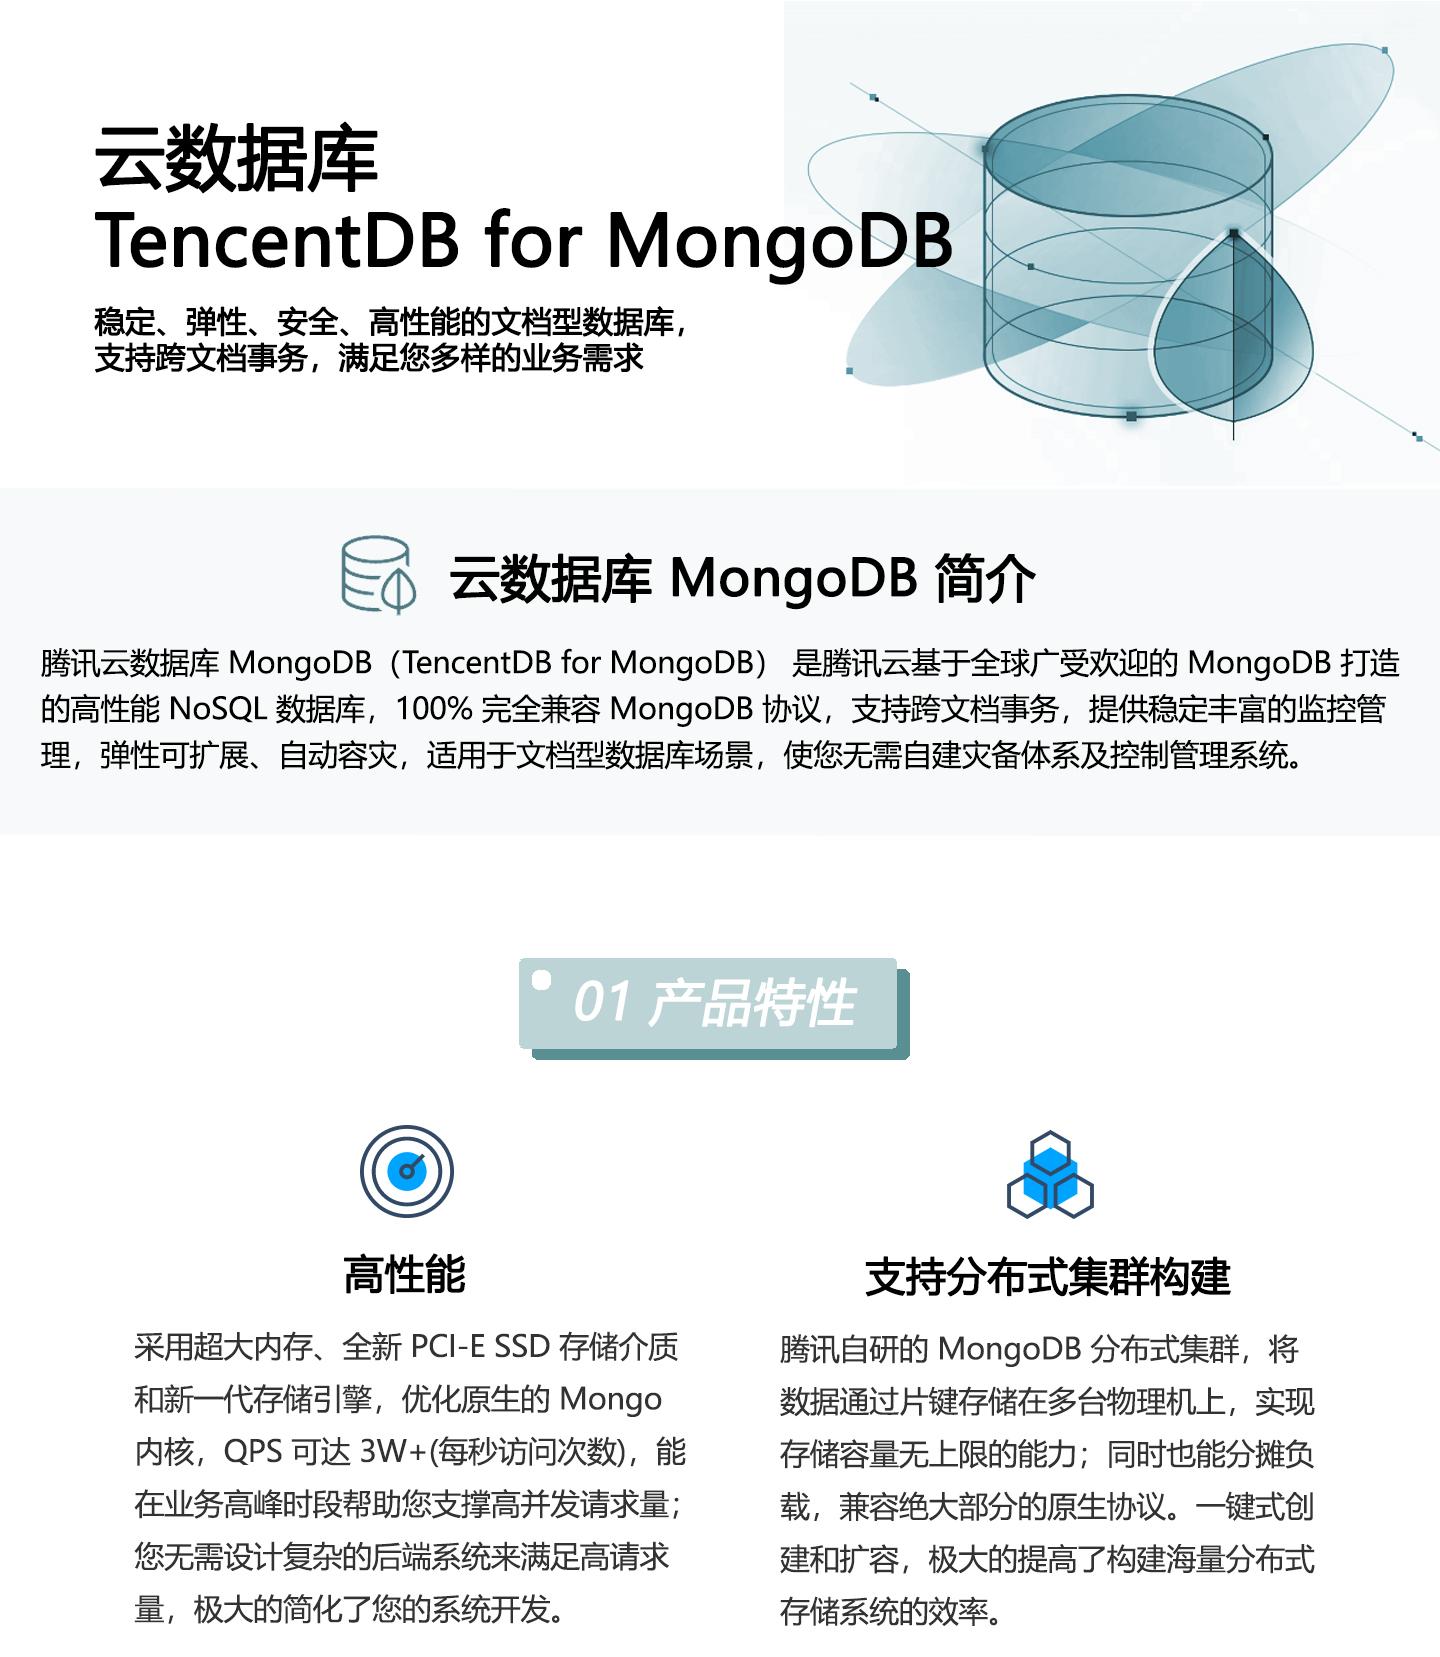 云数据库-TencentDB-for-MongoDB-1440_01.jpg